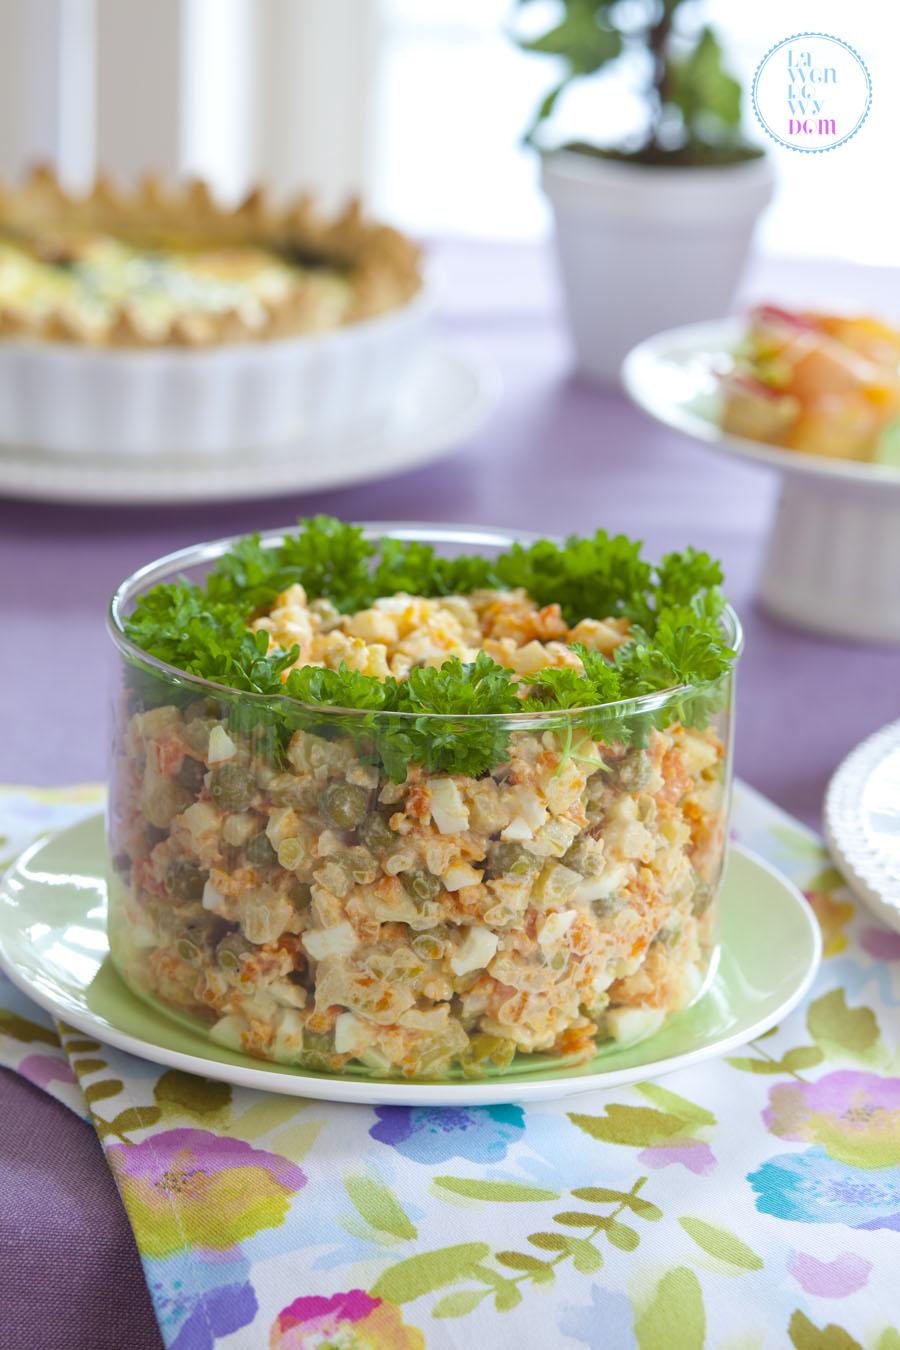 tradycyjna-salatka-warzywna-z-majonezem